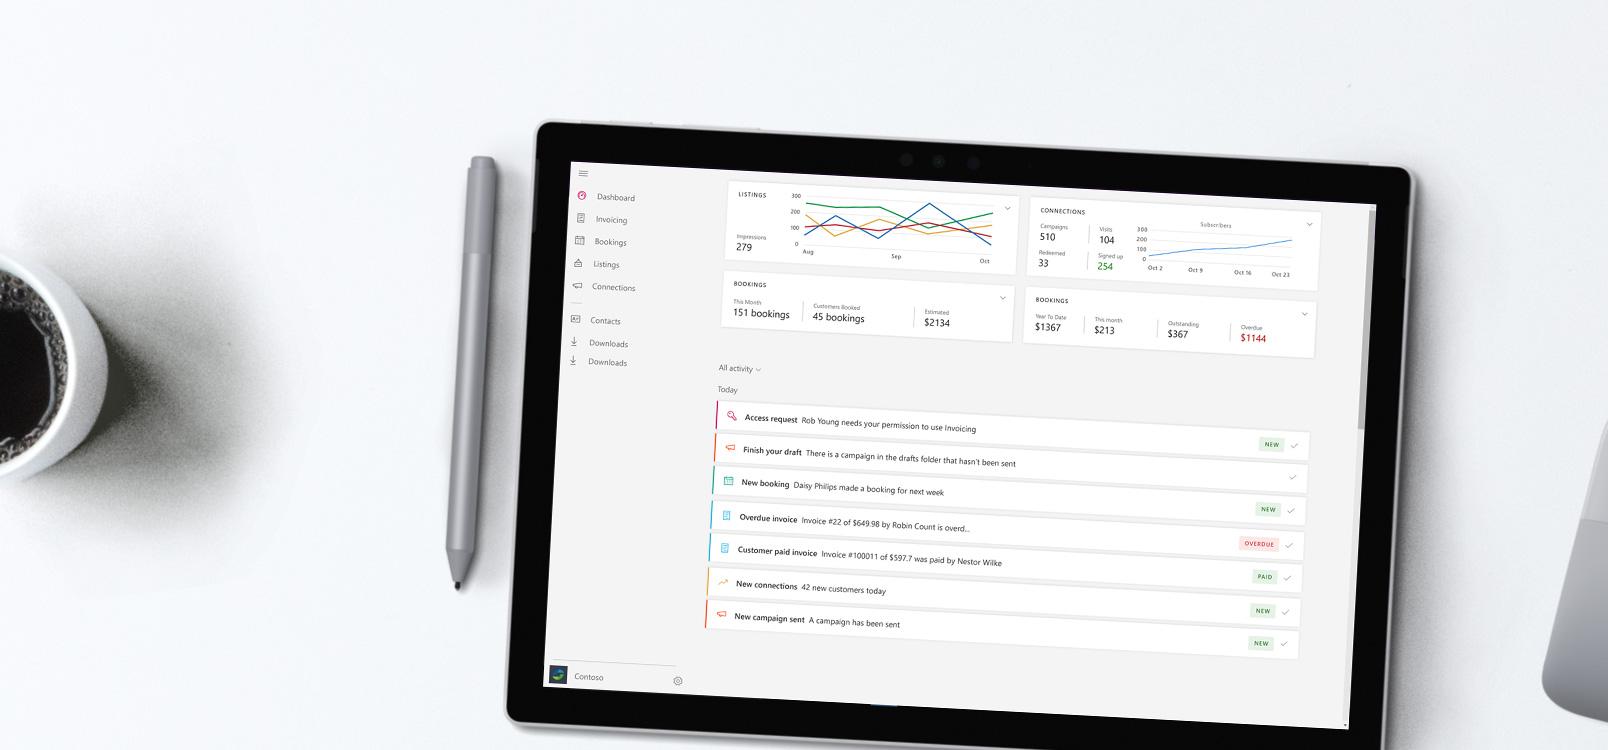 แล็ปท็อปกำลังแสดง Office 365 Business Center